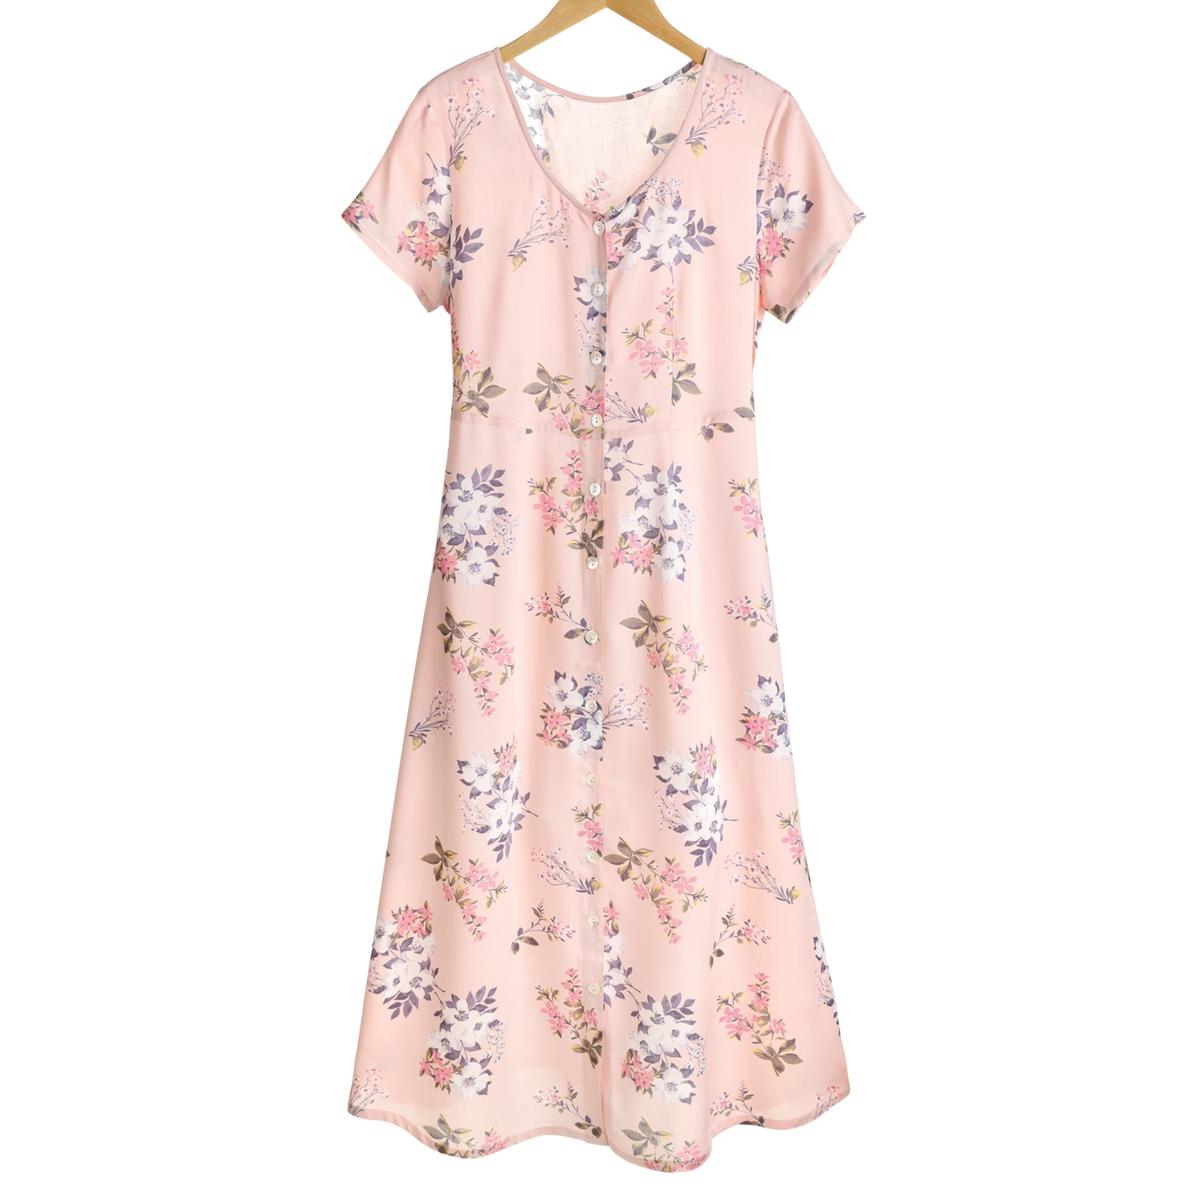 Pink Garden Floral Dress